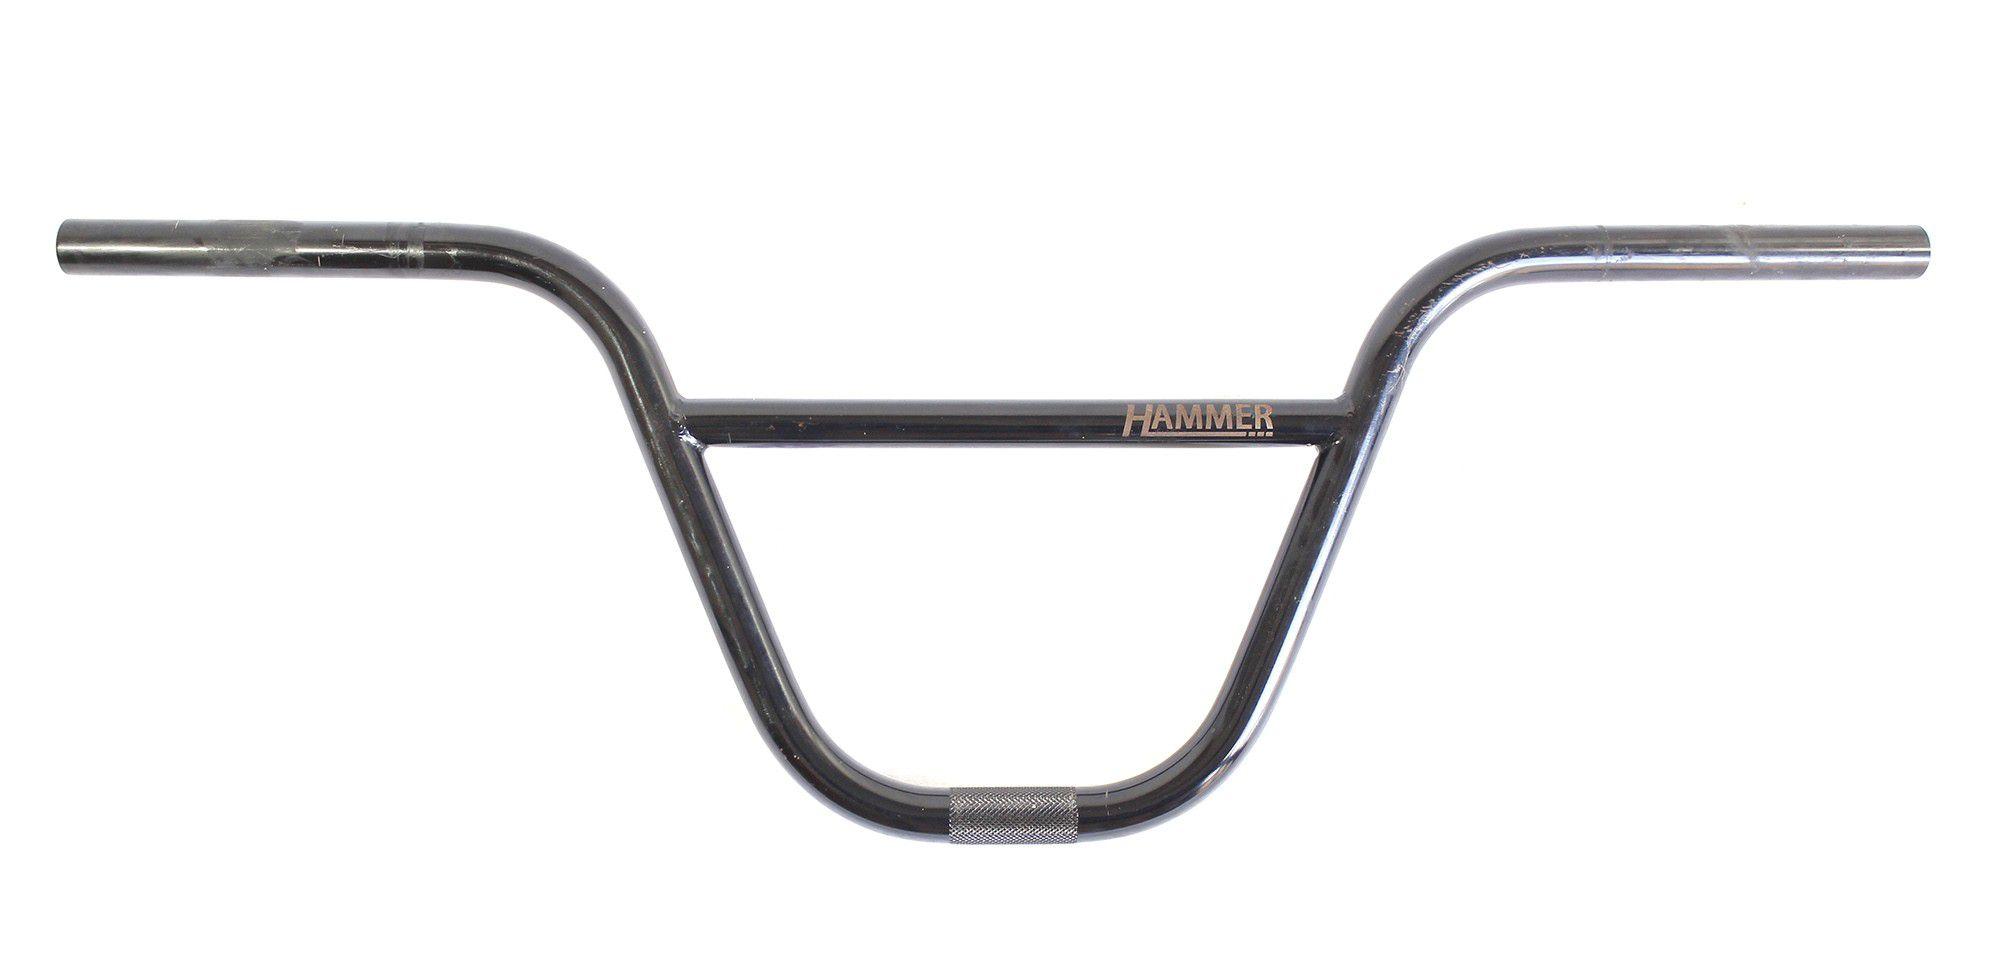 Guidão Hammer Cromo 8.75 para BMX